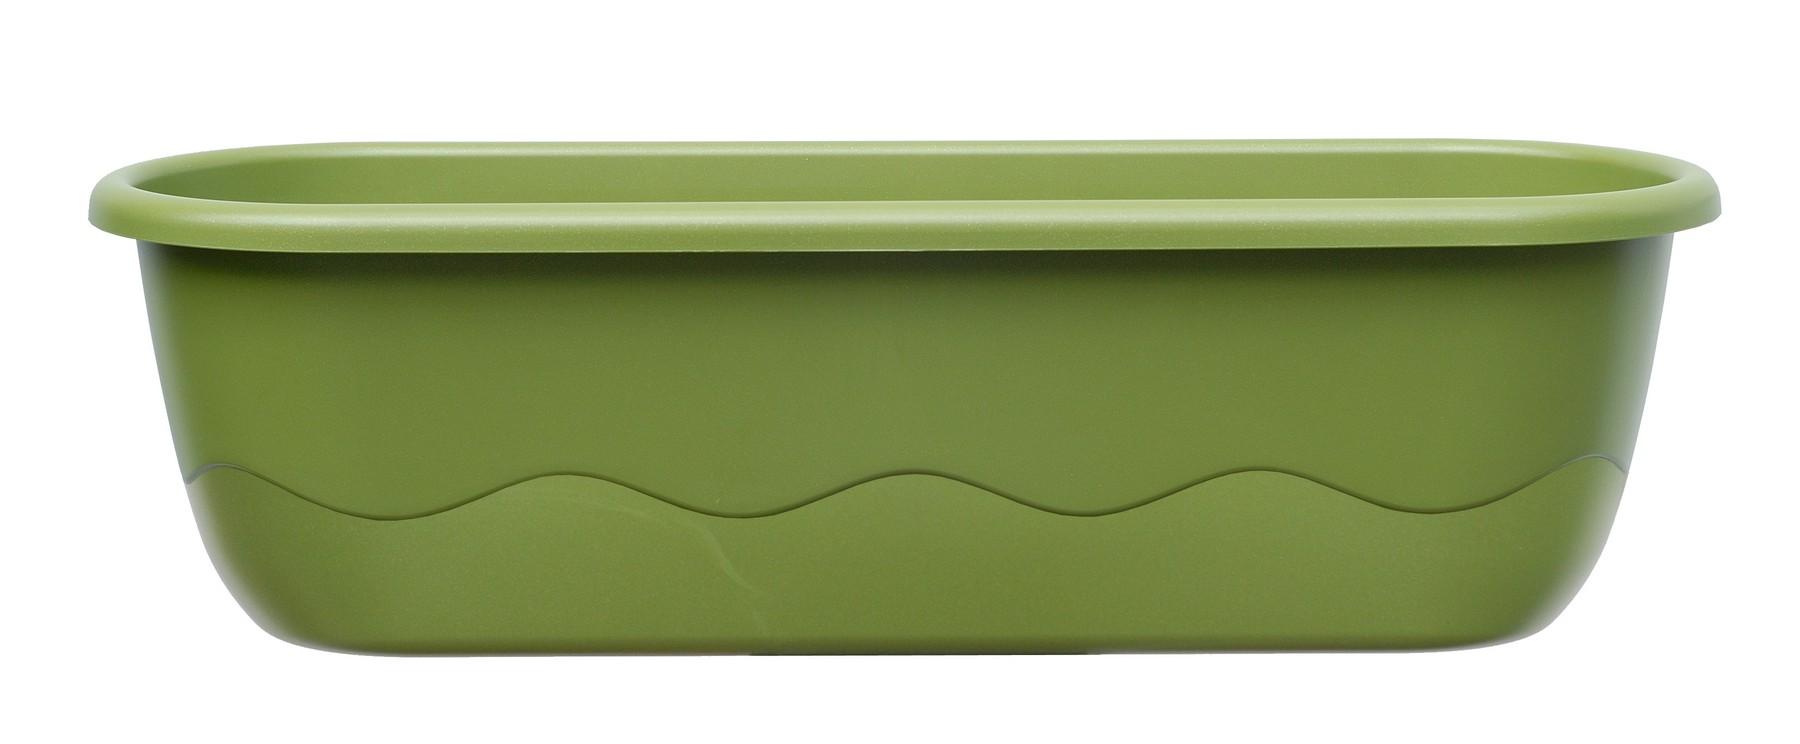 Samozavlažovací truhlík MARETA 60, zelená světlá + zelená tmavá